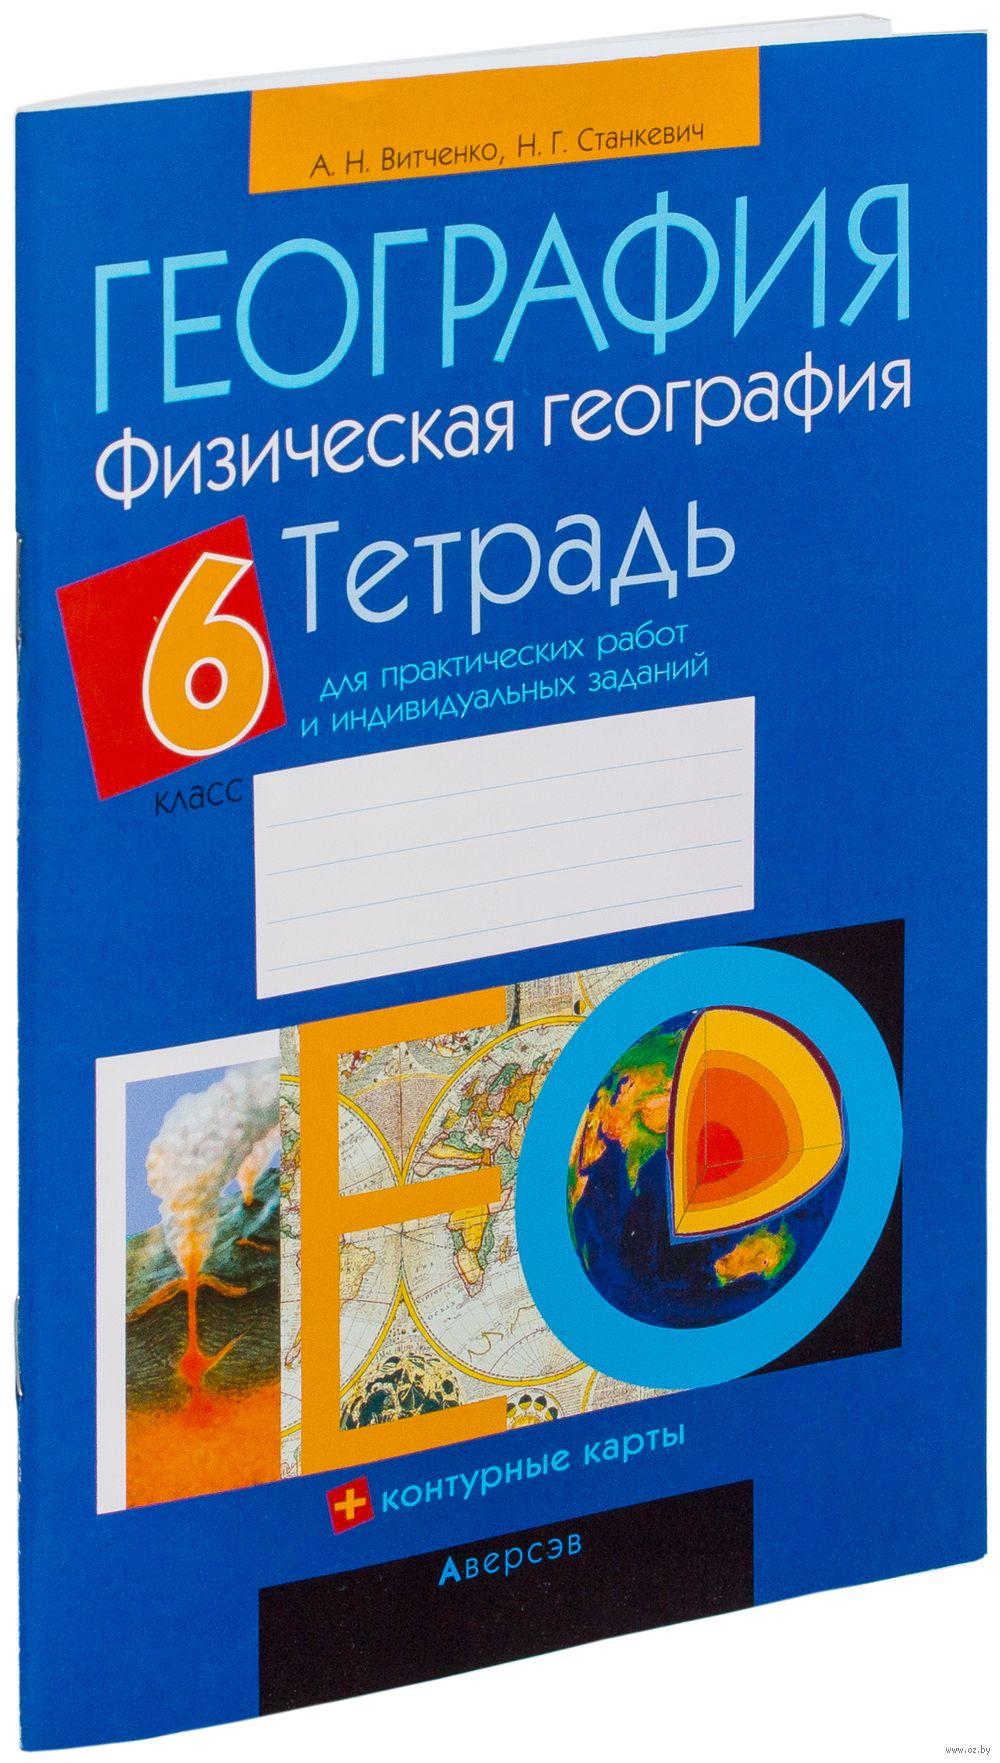 Ответы к рабочей тетради по географии 6 класс витченко обух станкевич